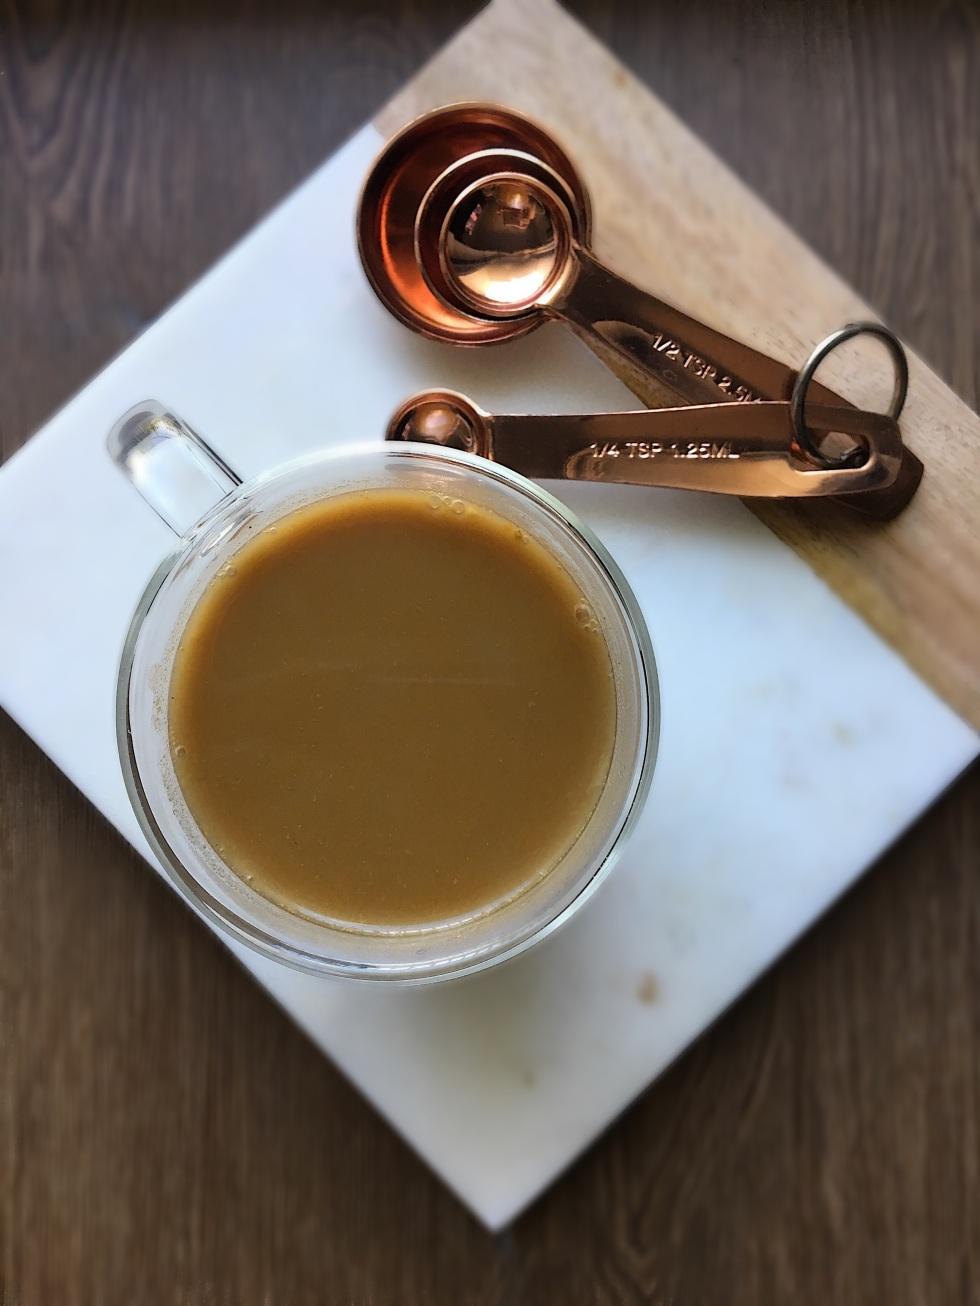 Paleo Dairy Free Pumpkin Spice Latte